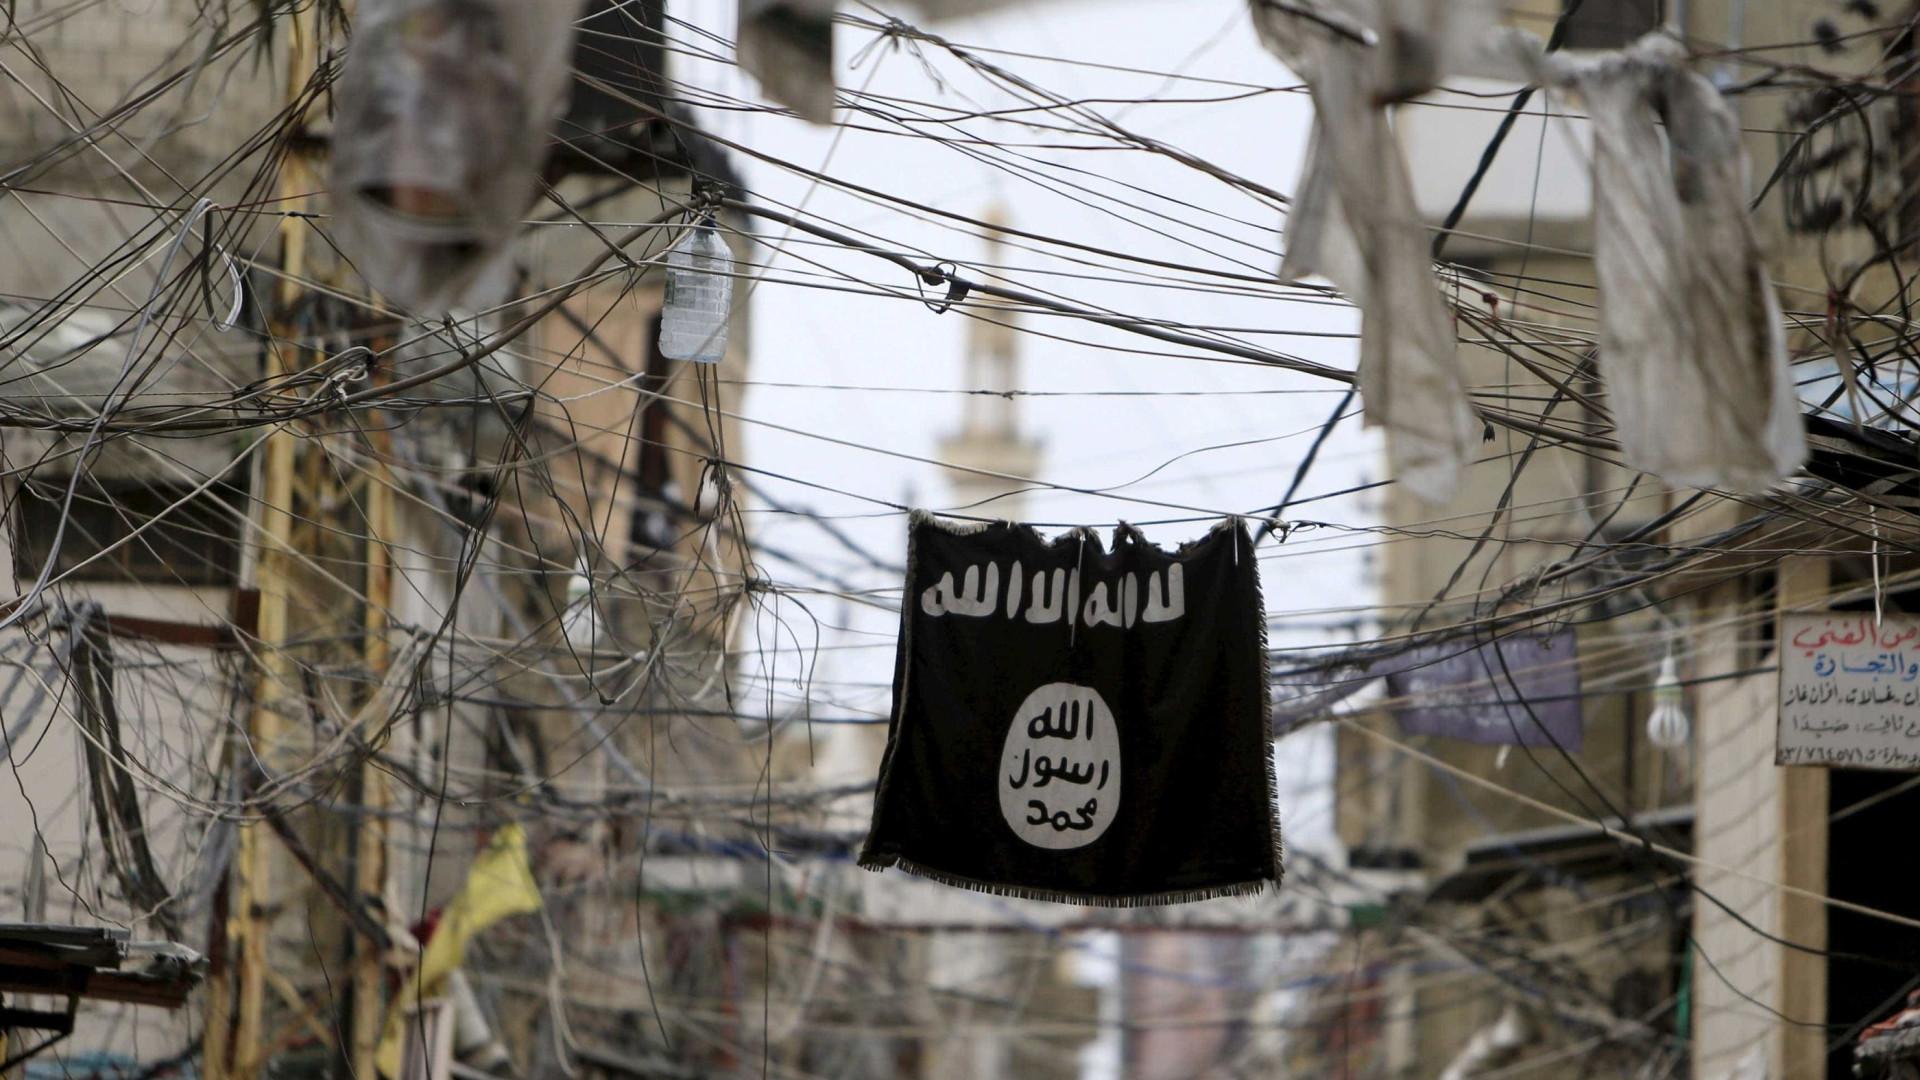 Cidade sueca pondera reintegrar jihadistas vindos da Síria e Iraque